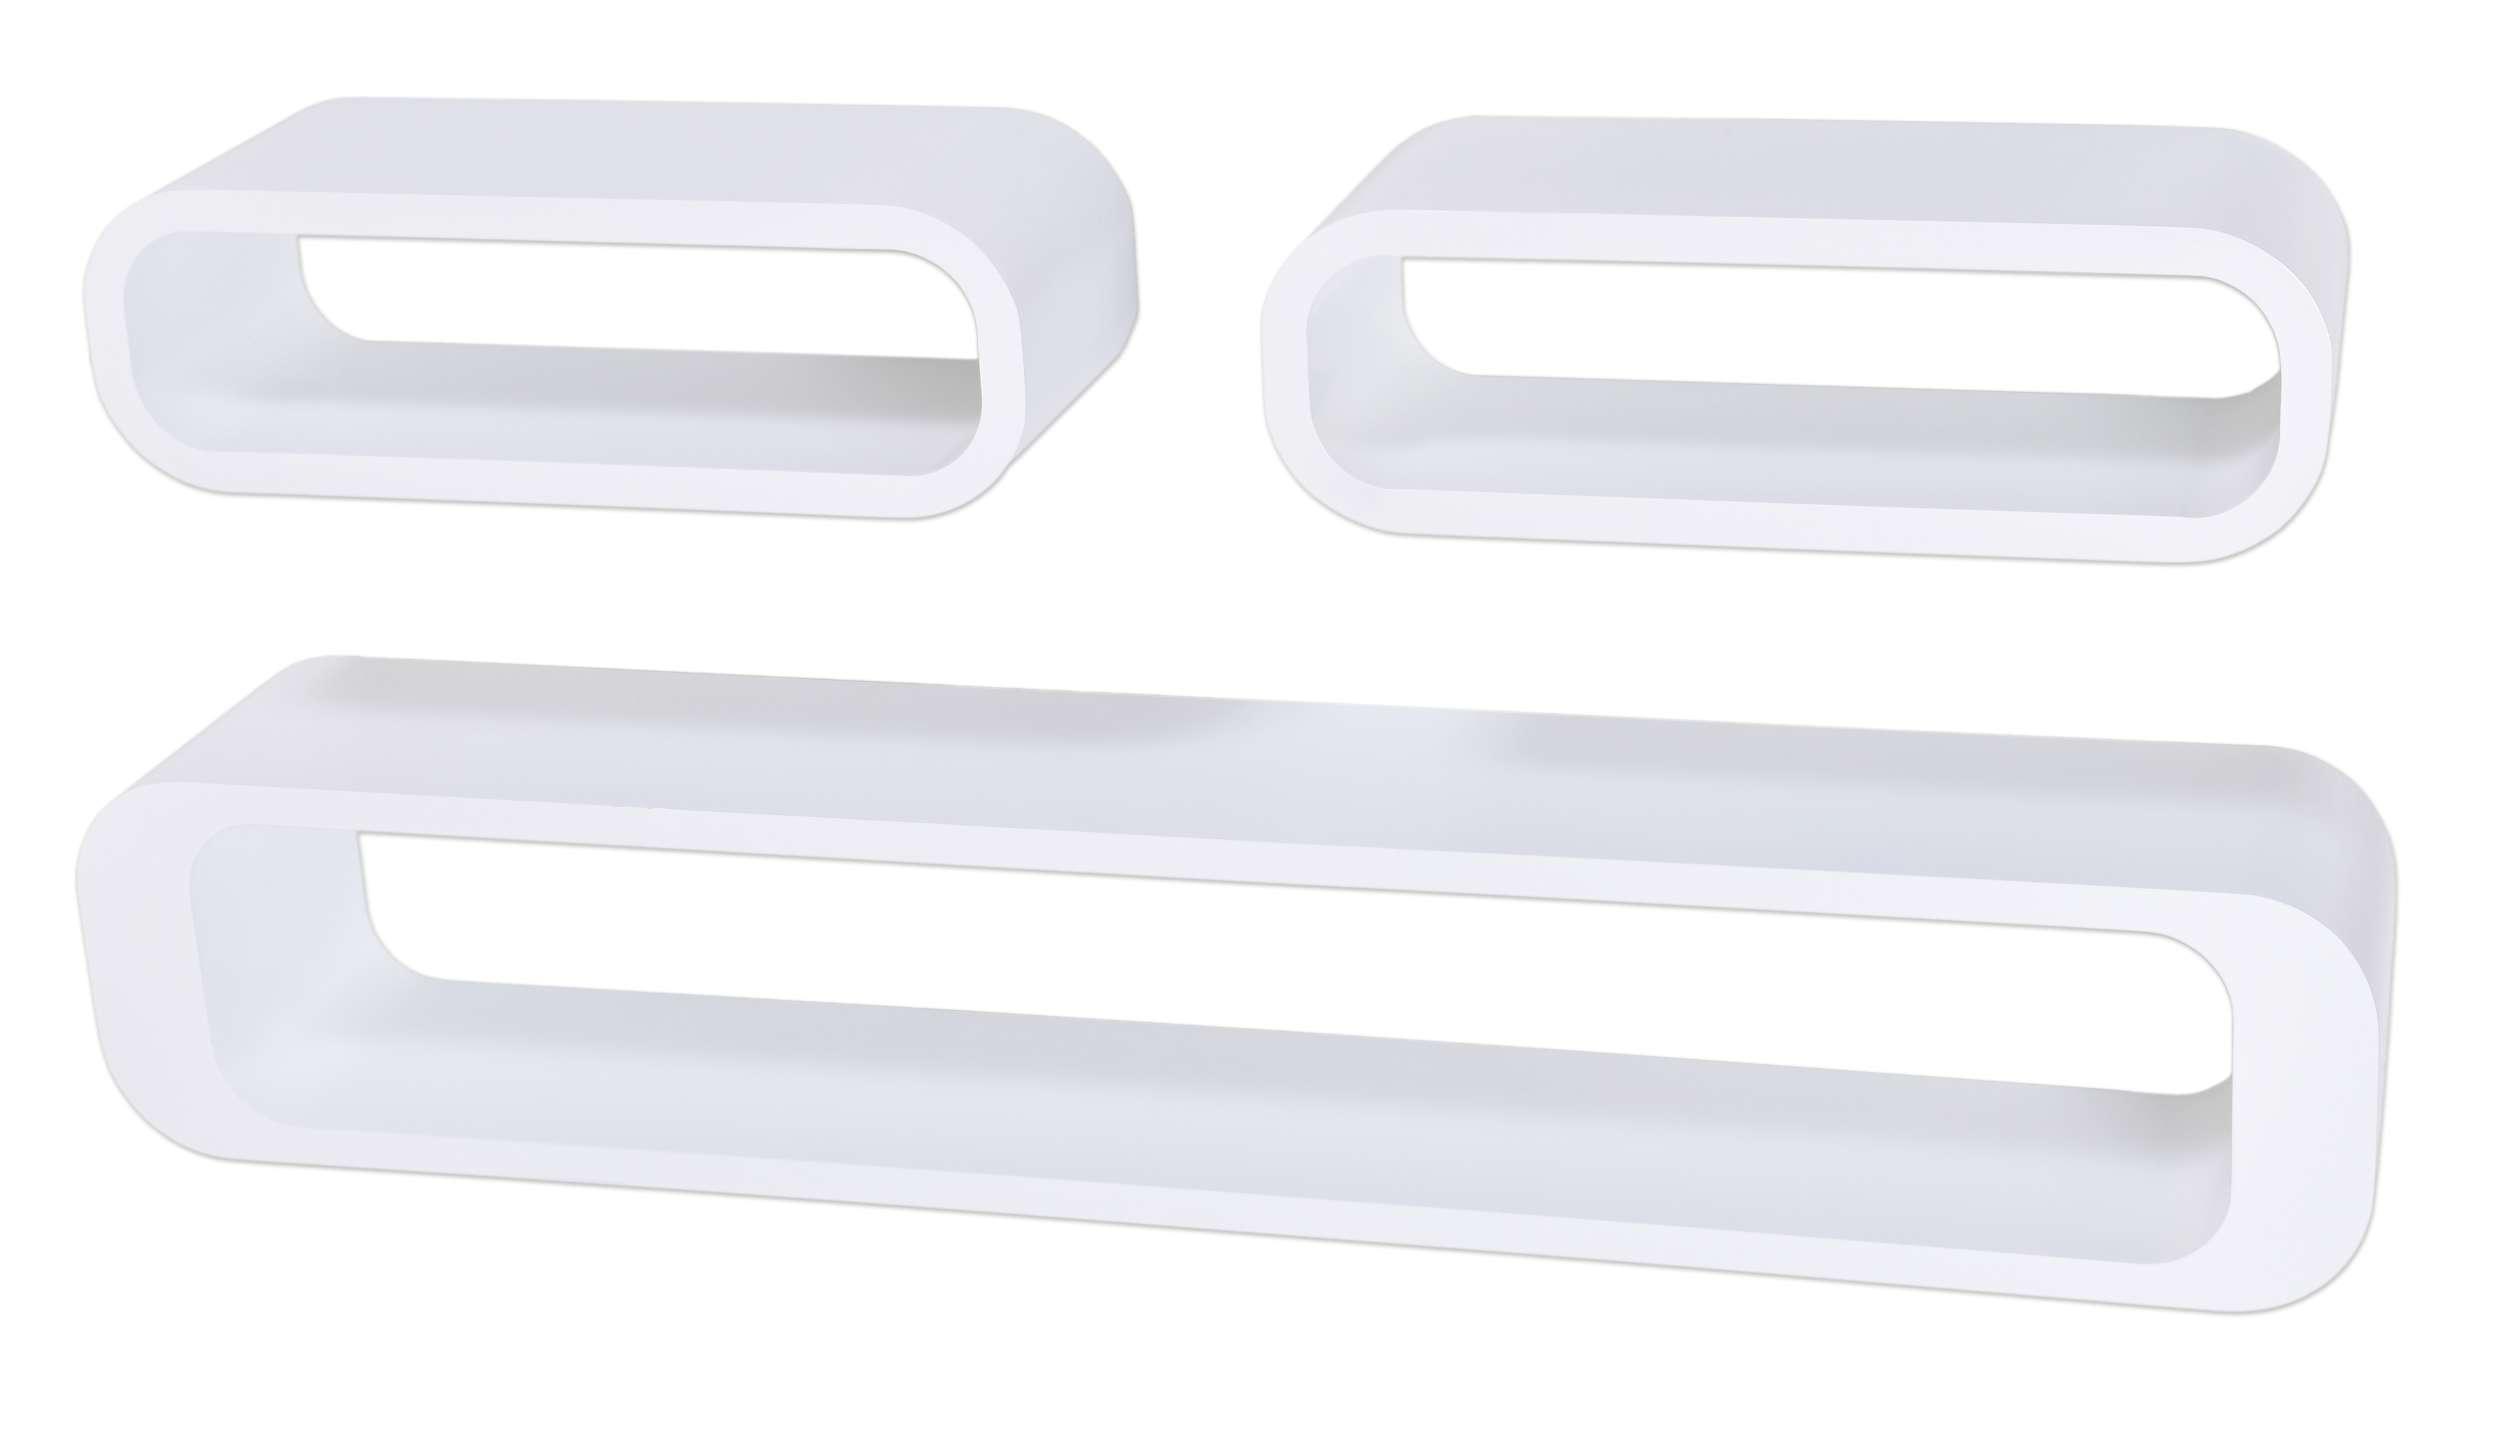 Półki Wiszące Cube Owall 3 Szt Białe Ehokerypl Tanie